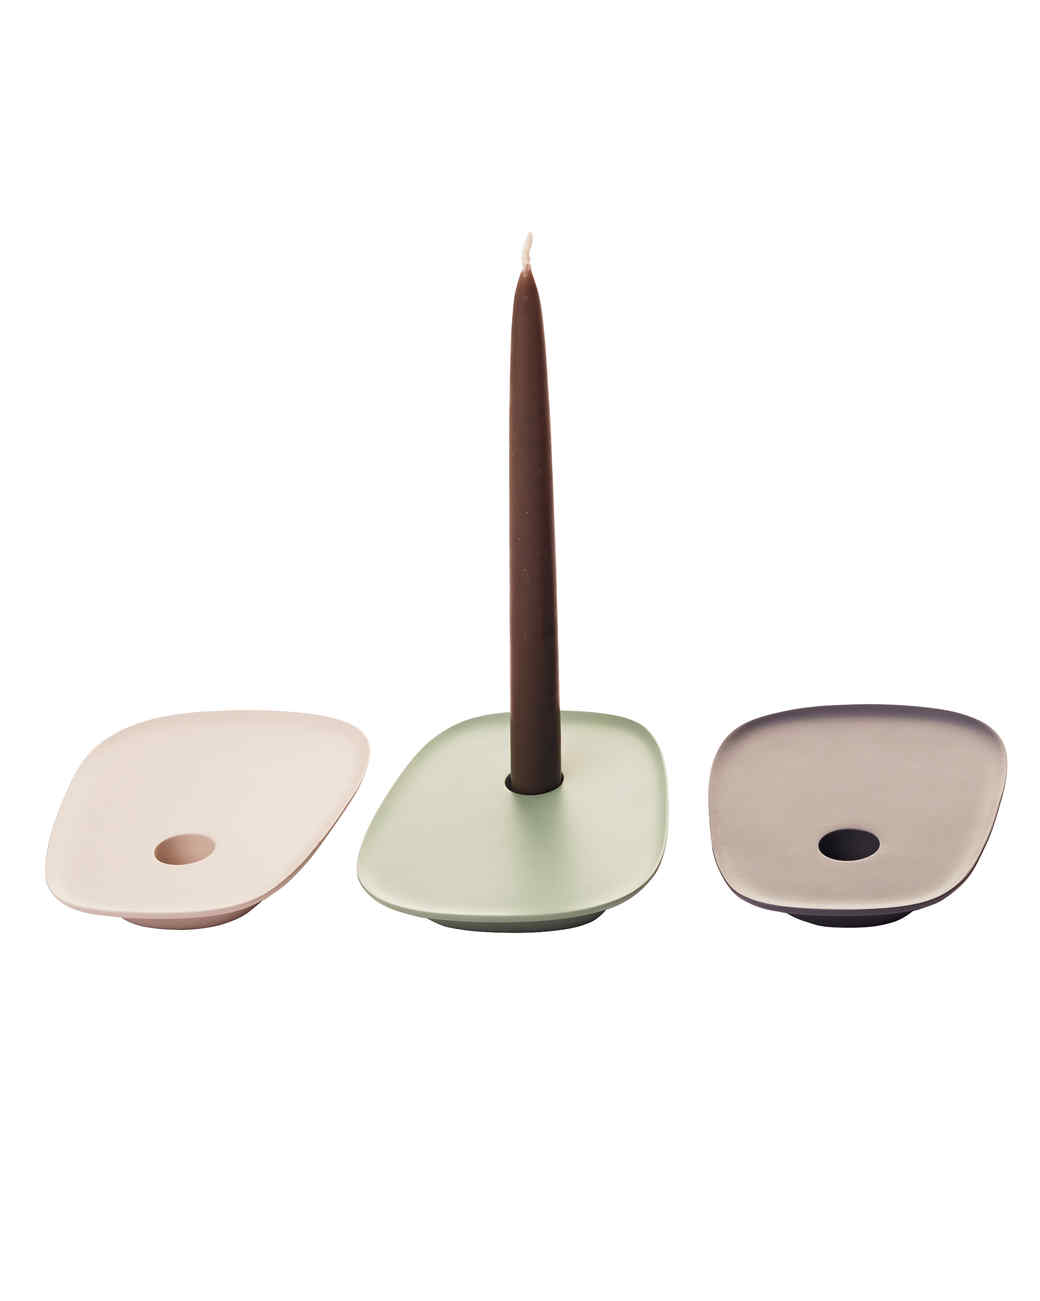 muuto-candlesticks-015-d111478.jpg